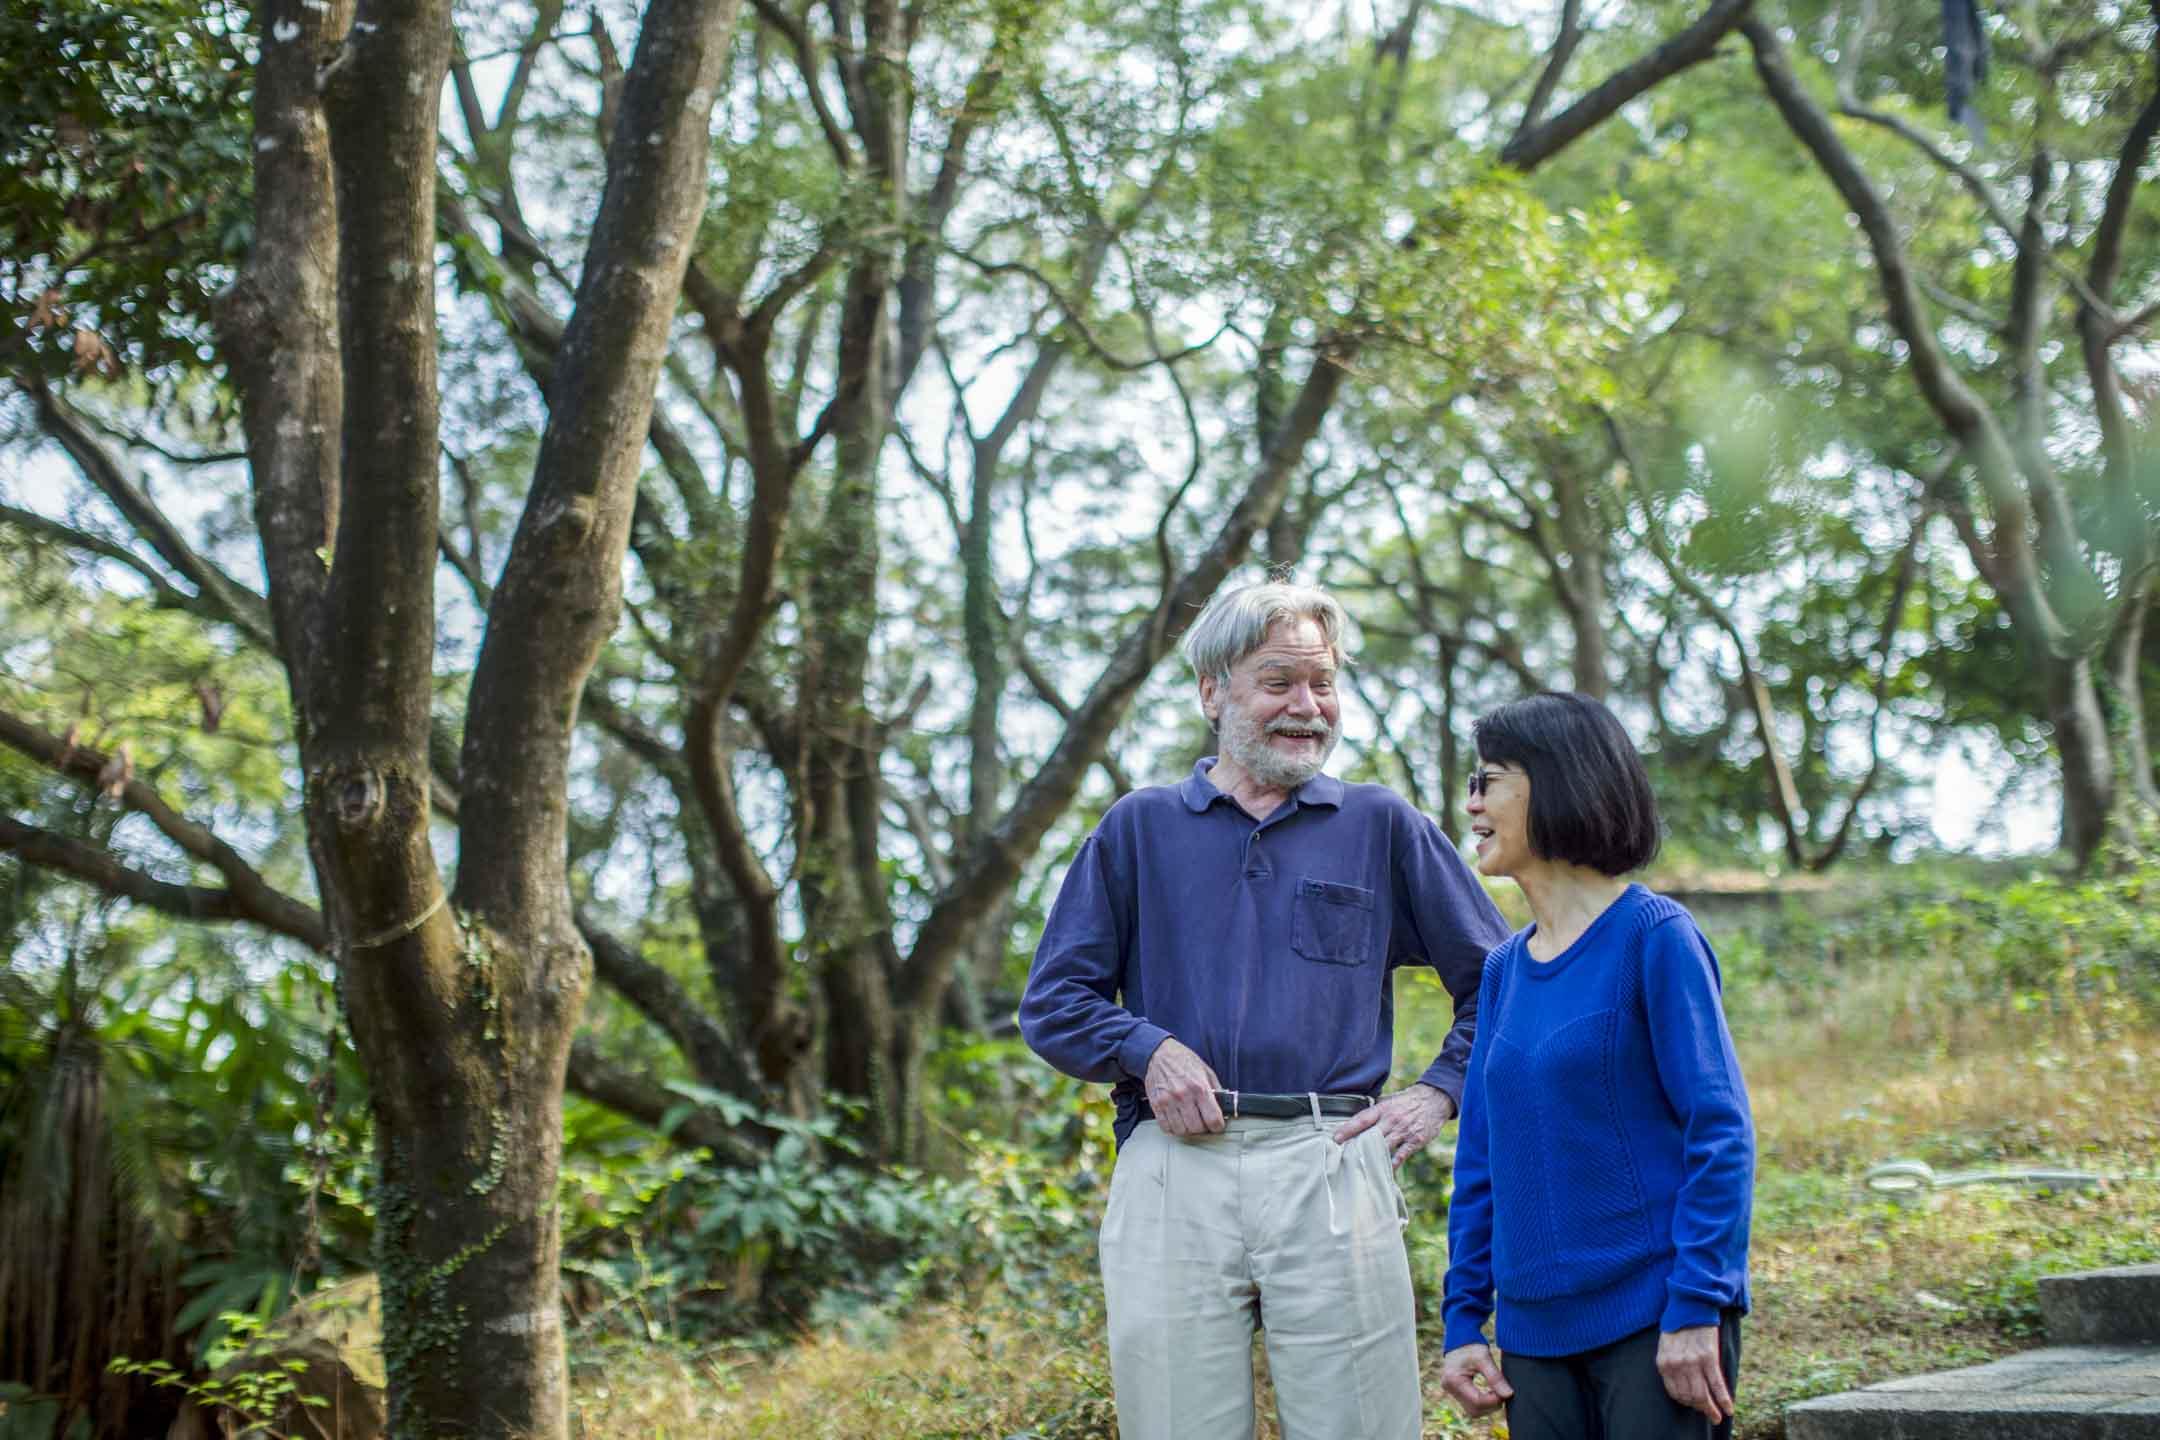 香港中大人類學教授Gordon Mathews(麥高登)與妻子Yoko。 攝:陳焯煇/端傳媒